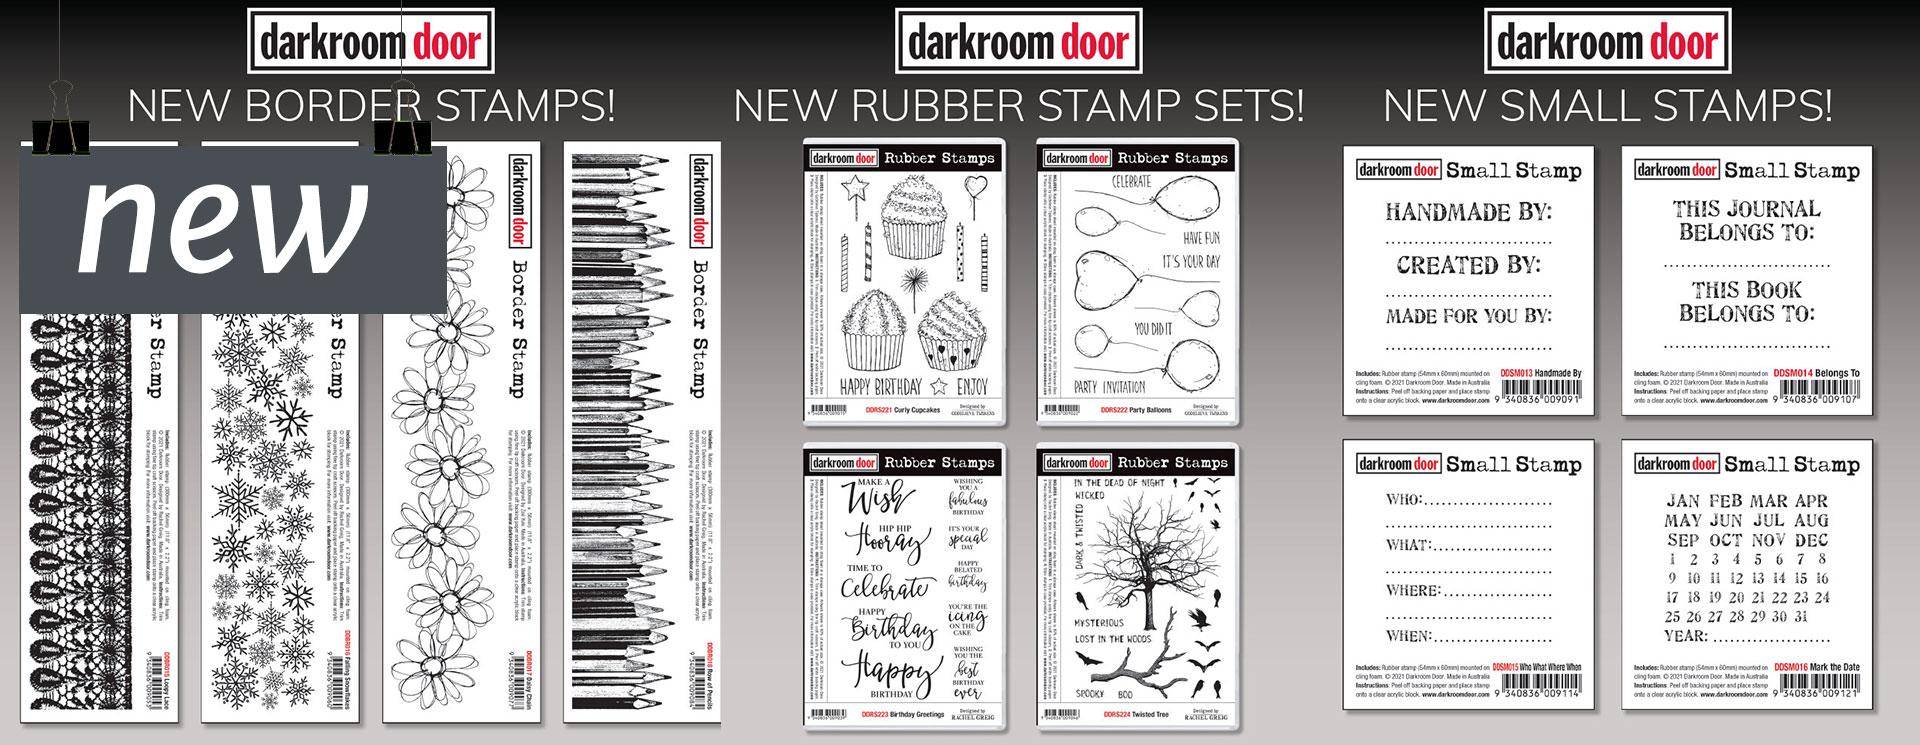 Darkroom Door New Stamps and Stencils